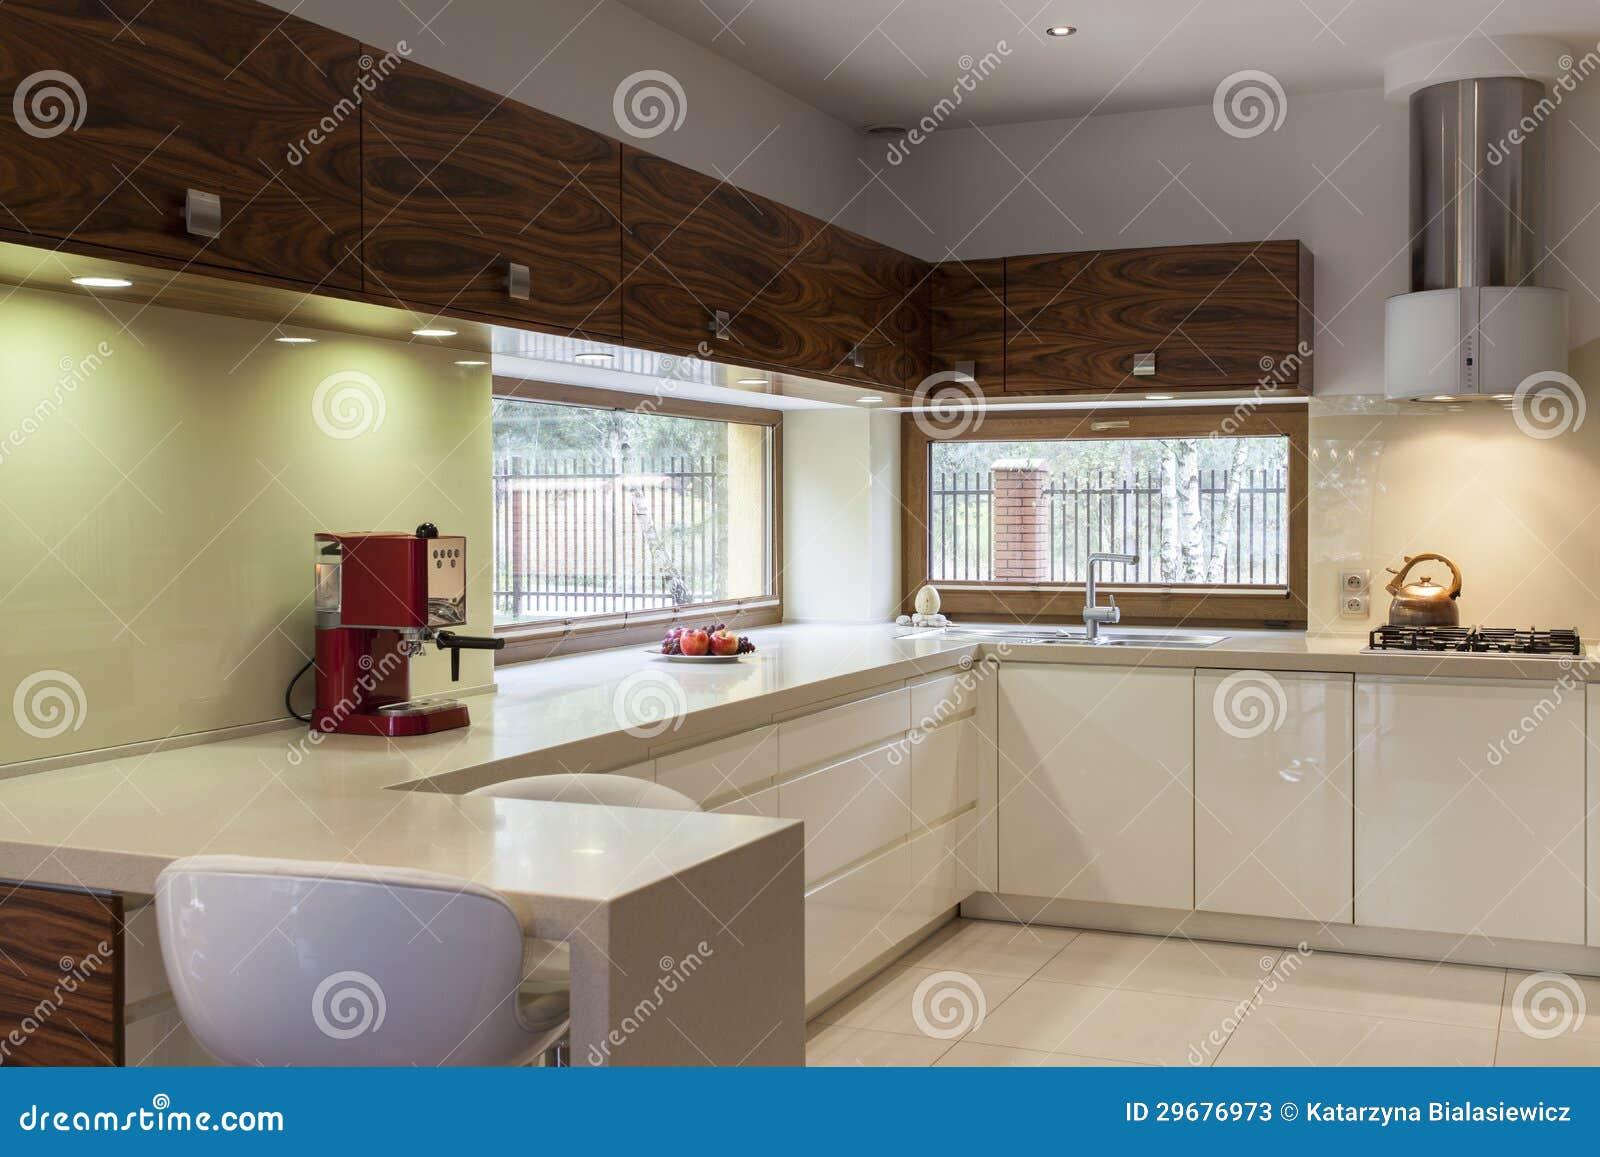 Cocina blanca con muebles de madera fotos de archivo - Cocina blanca con encimera blanca ...